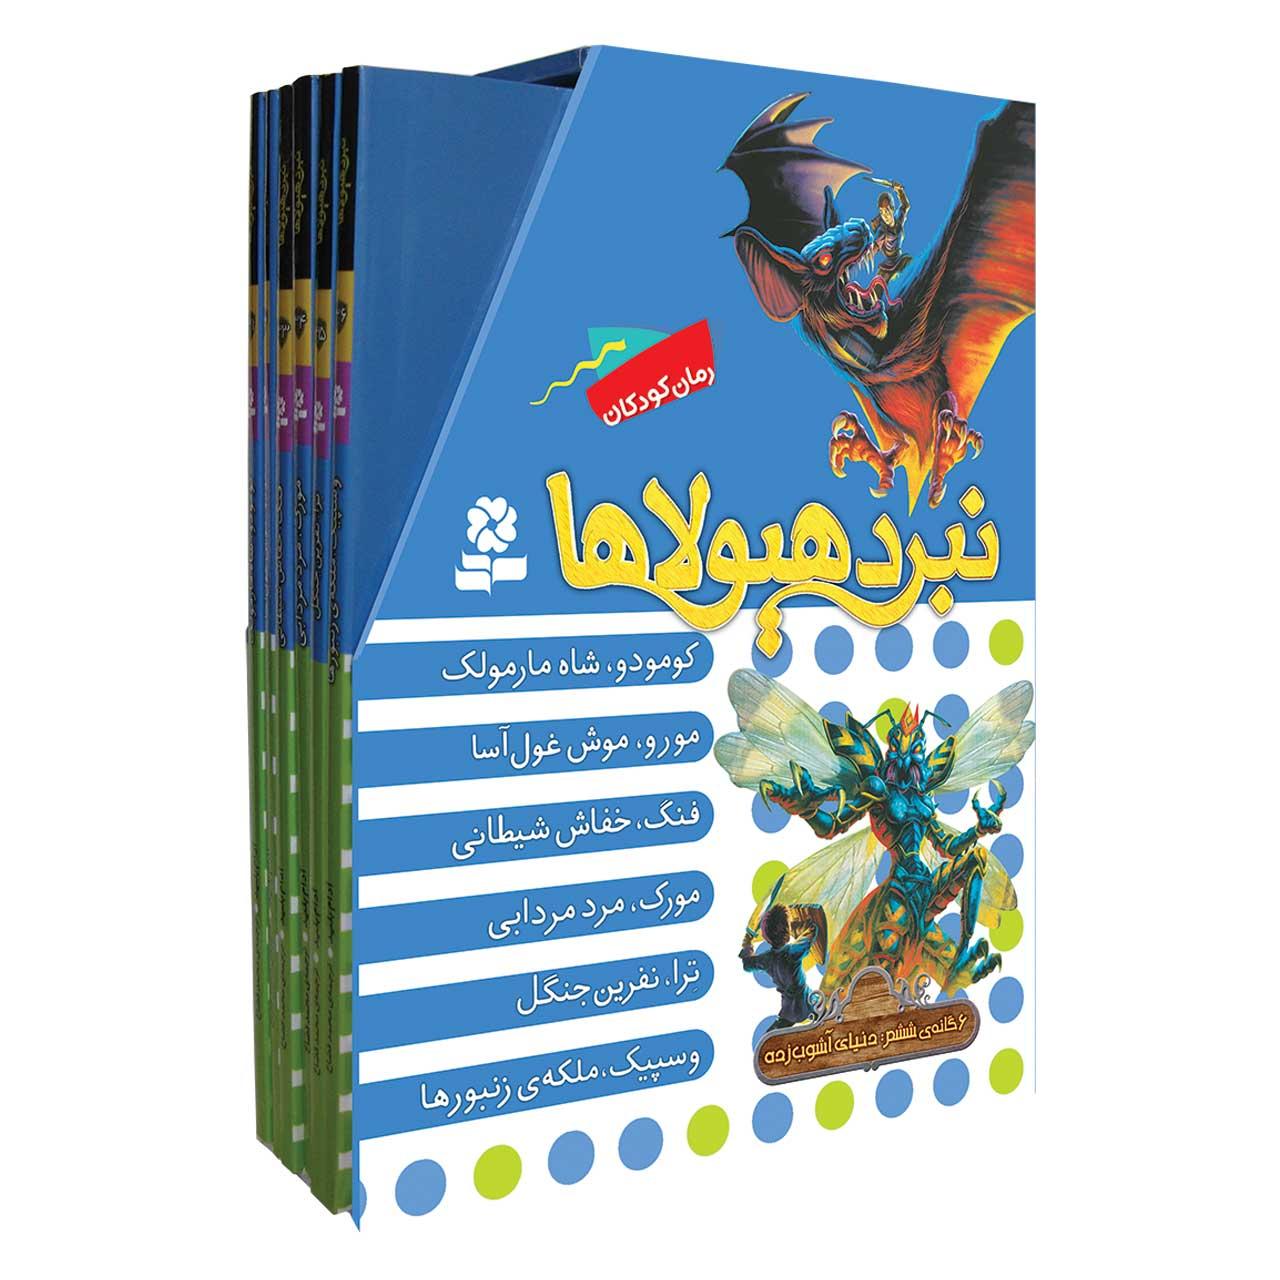 خرید                      کتاب نبرد هیولاها دنیای آشوب زده اثر آدام بلید انتشارات قدیانی شش گانه ششم